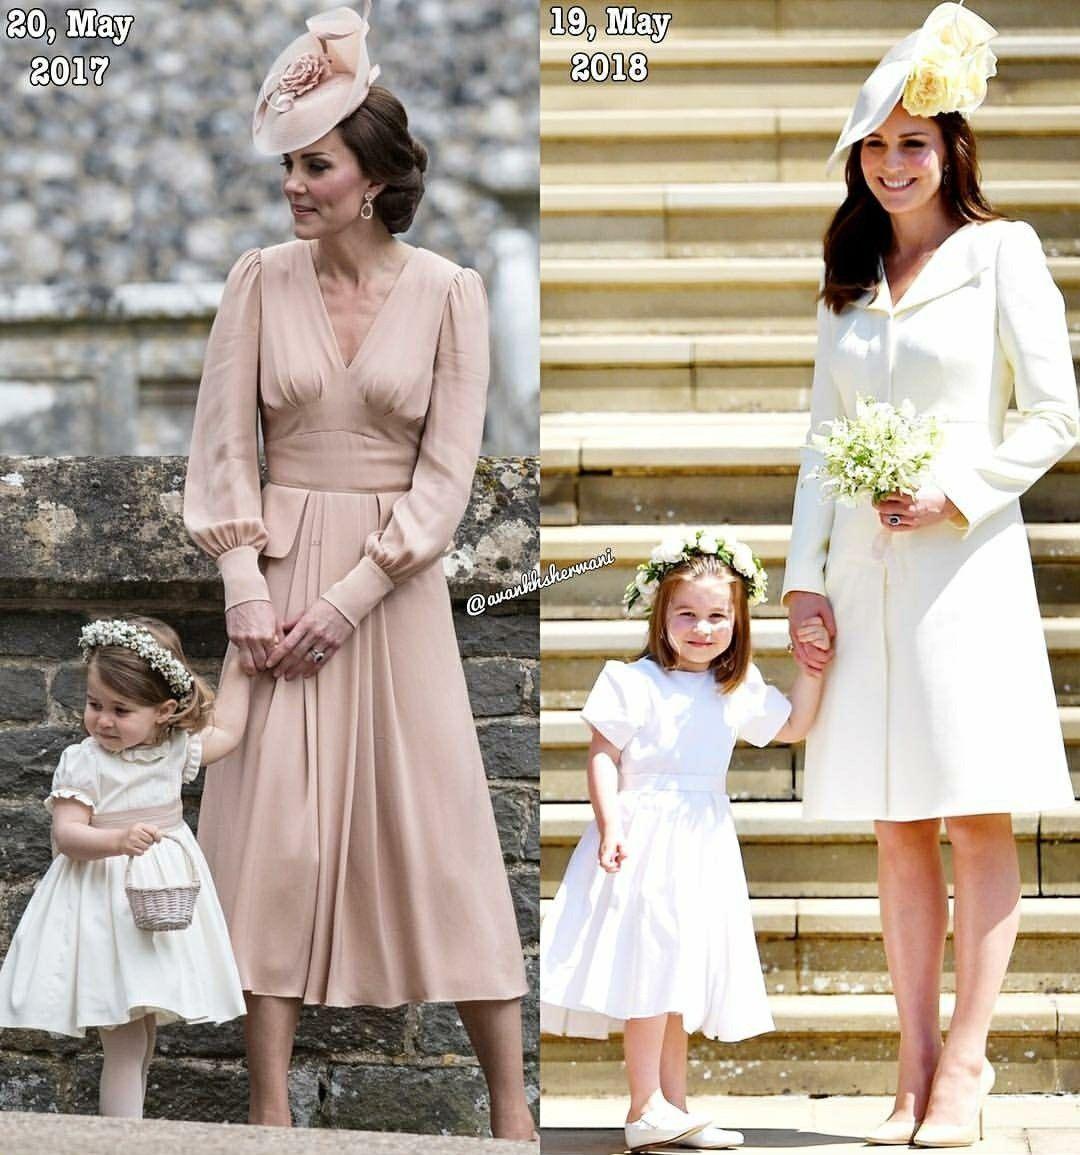 Pippa S Wedding 2017 And Harry S Wedding 2018 Bluse Und Rock Herzogin Kate Brautkleid Standesamt